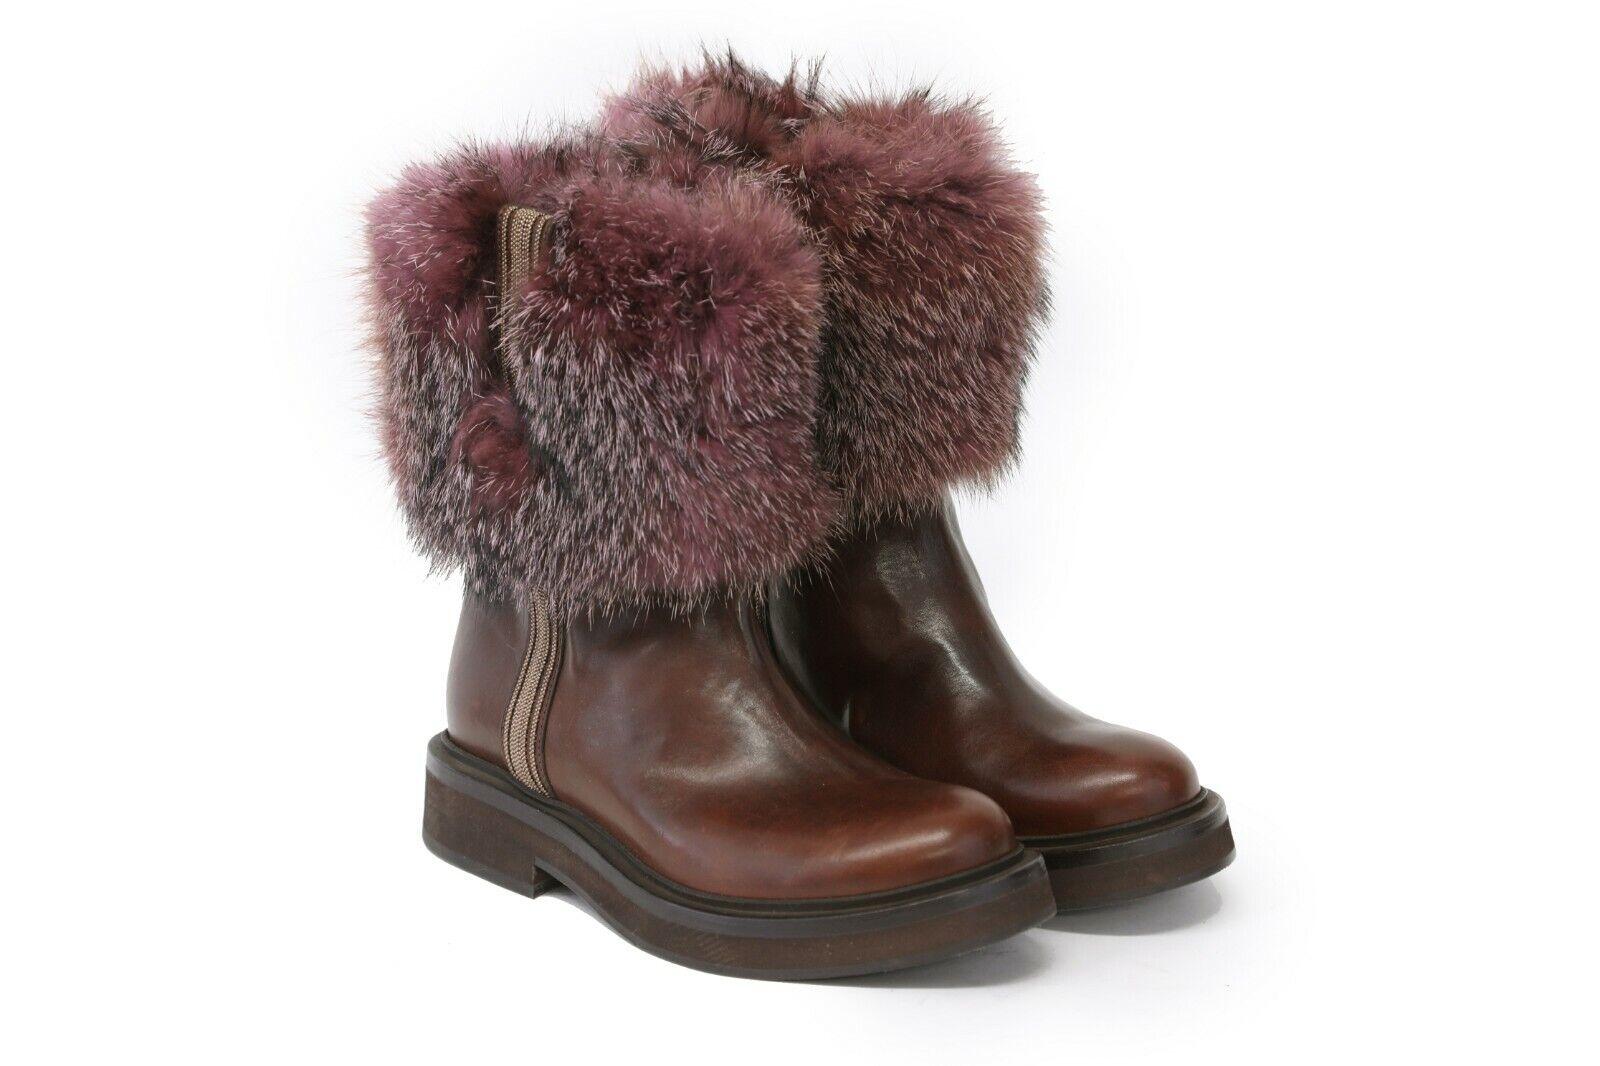 Nwob  3795 BRUNELLO CUCINELLI 100% Cuero botas al tobillo con cuentas ribete de piel + 37 7US A191